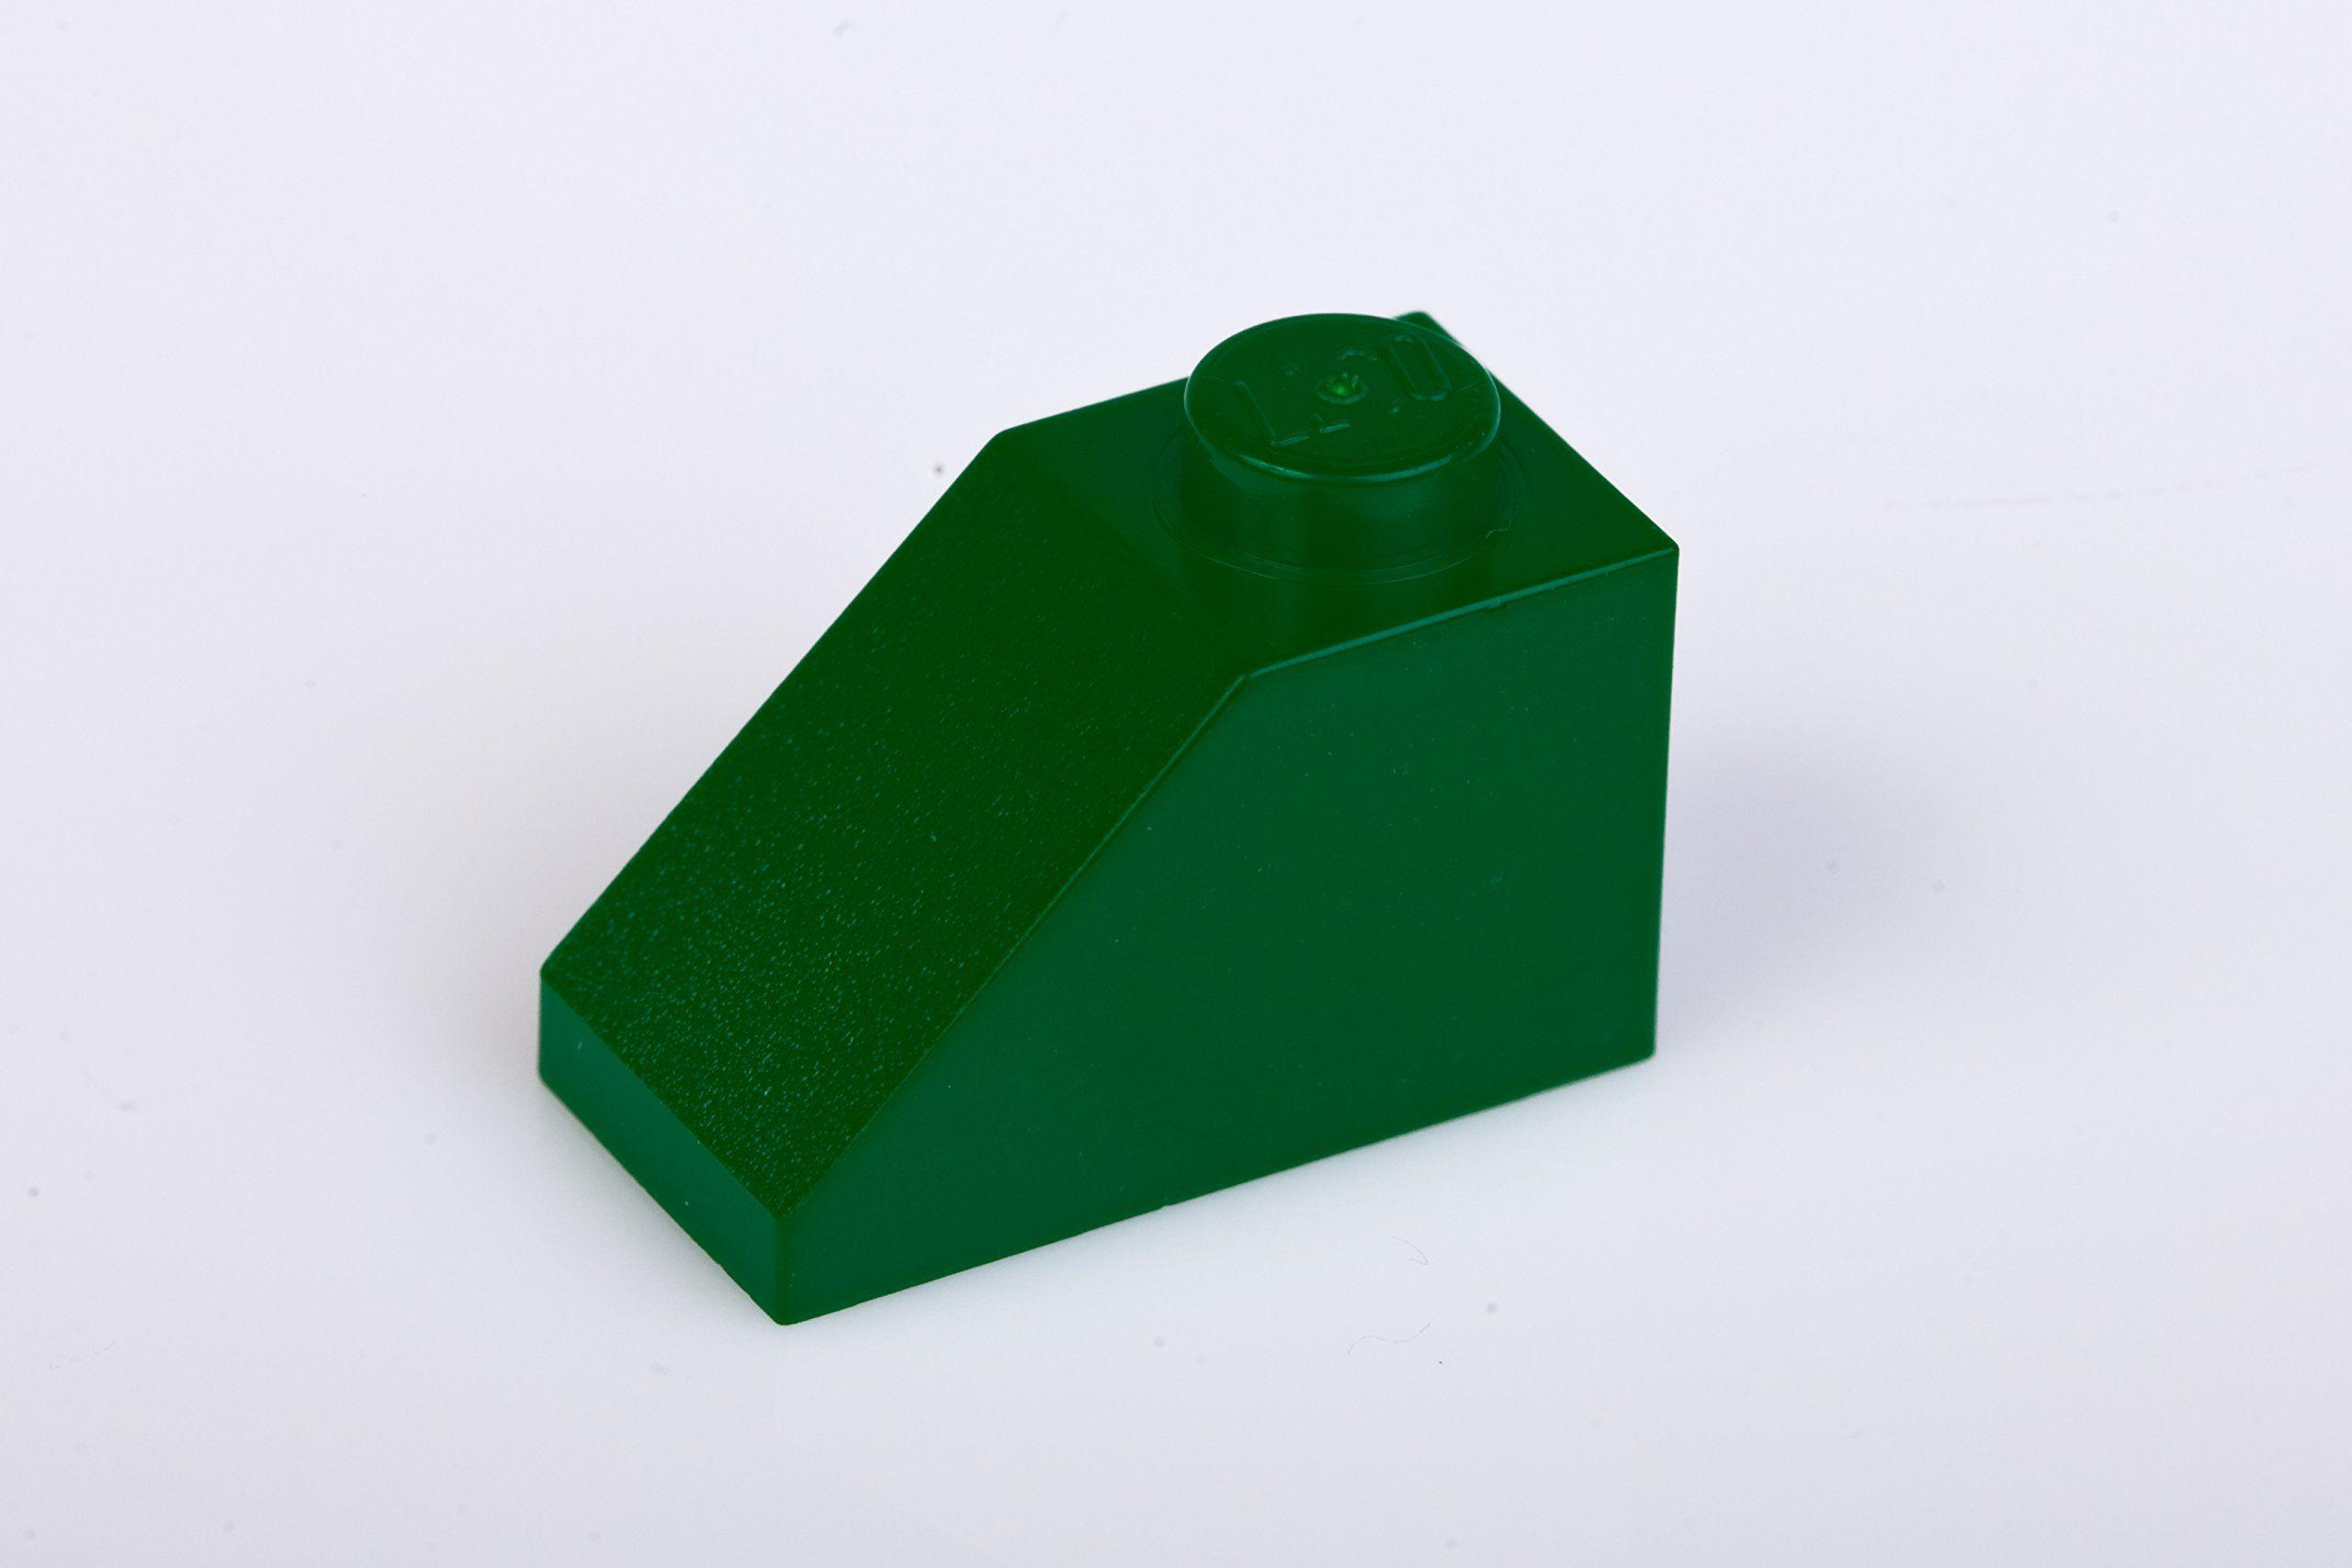 200x Lego Dark Green Green 1x2 45 Deg Roof Tiles Super Pack Lego Tiles Roof Tiles